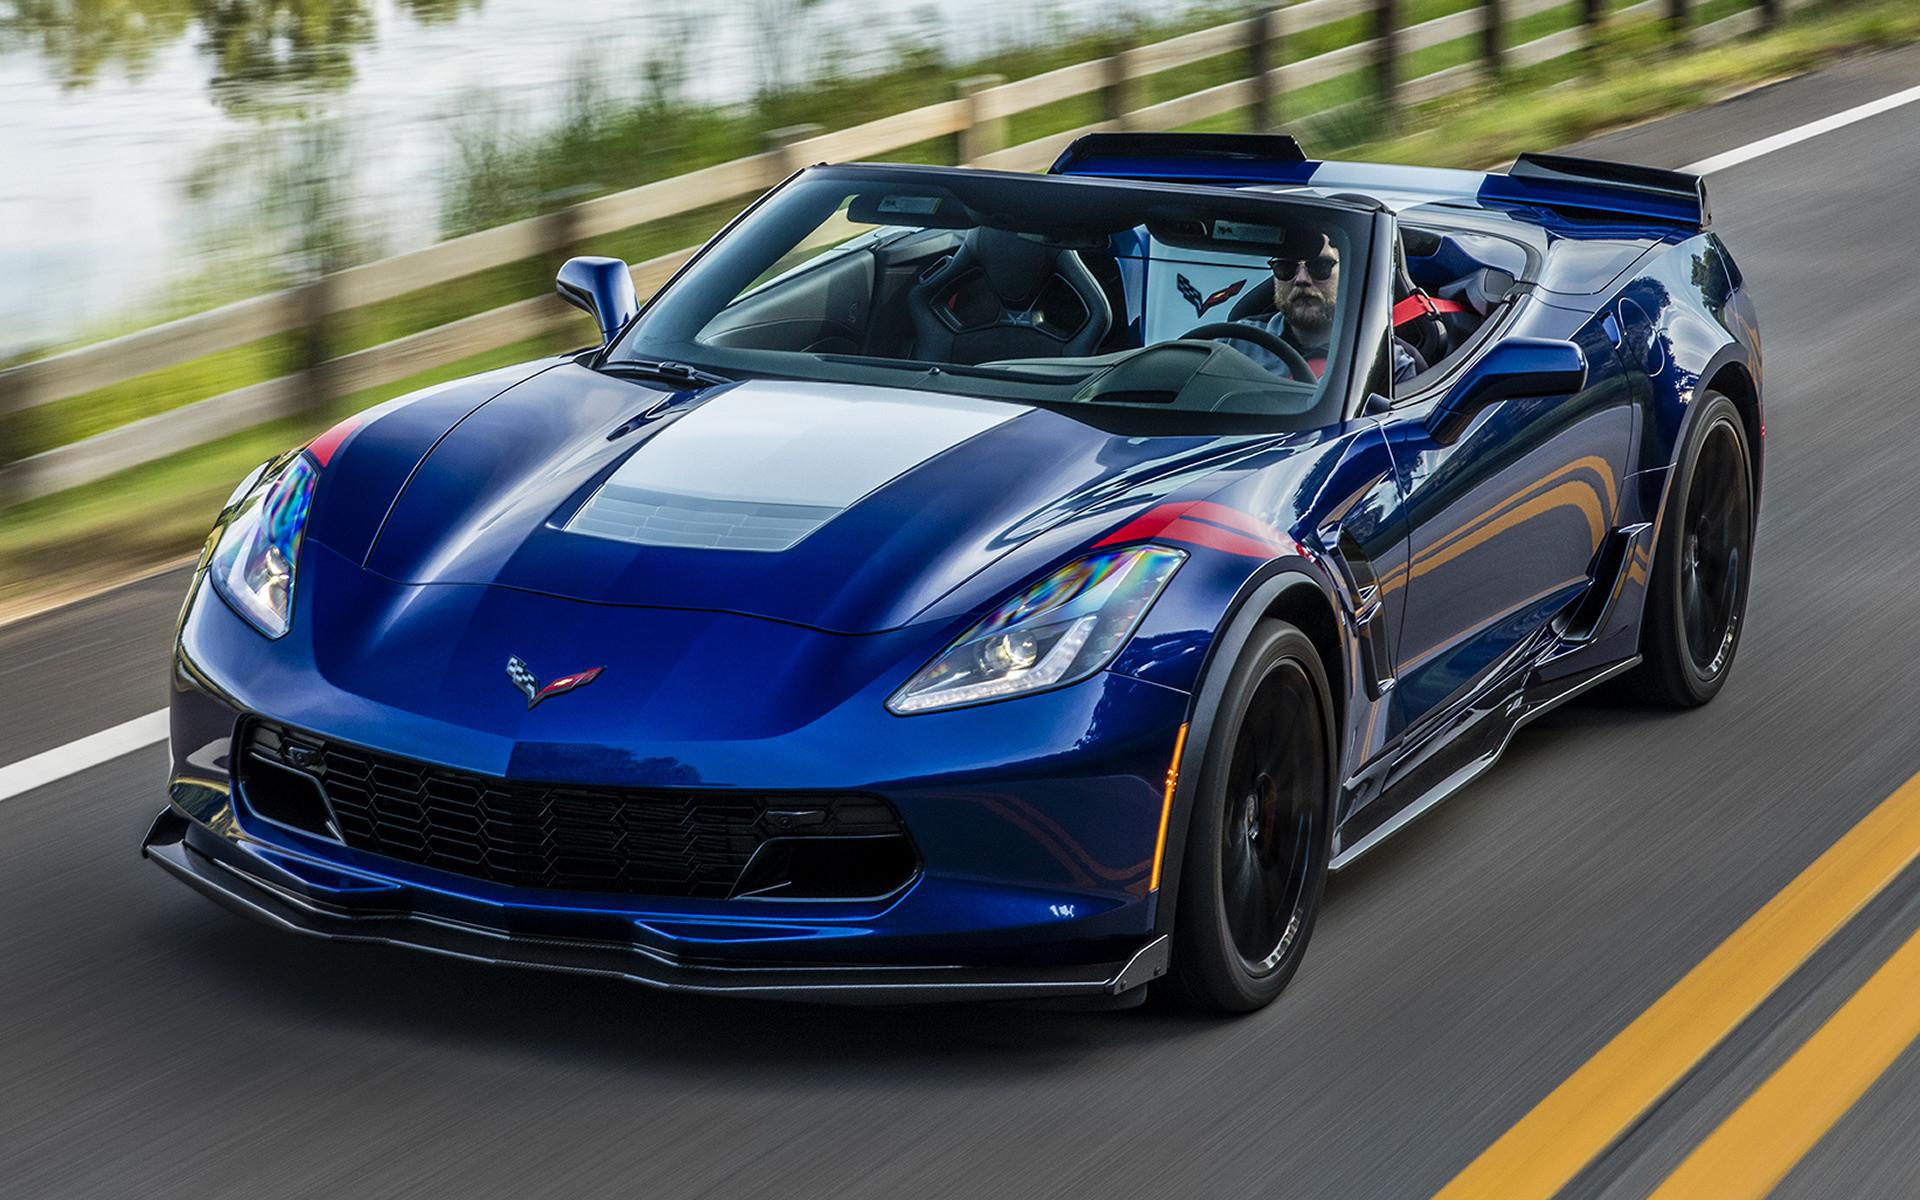 2017 Corvette Stingray Black Wallpaper